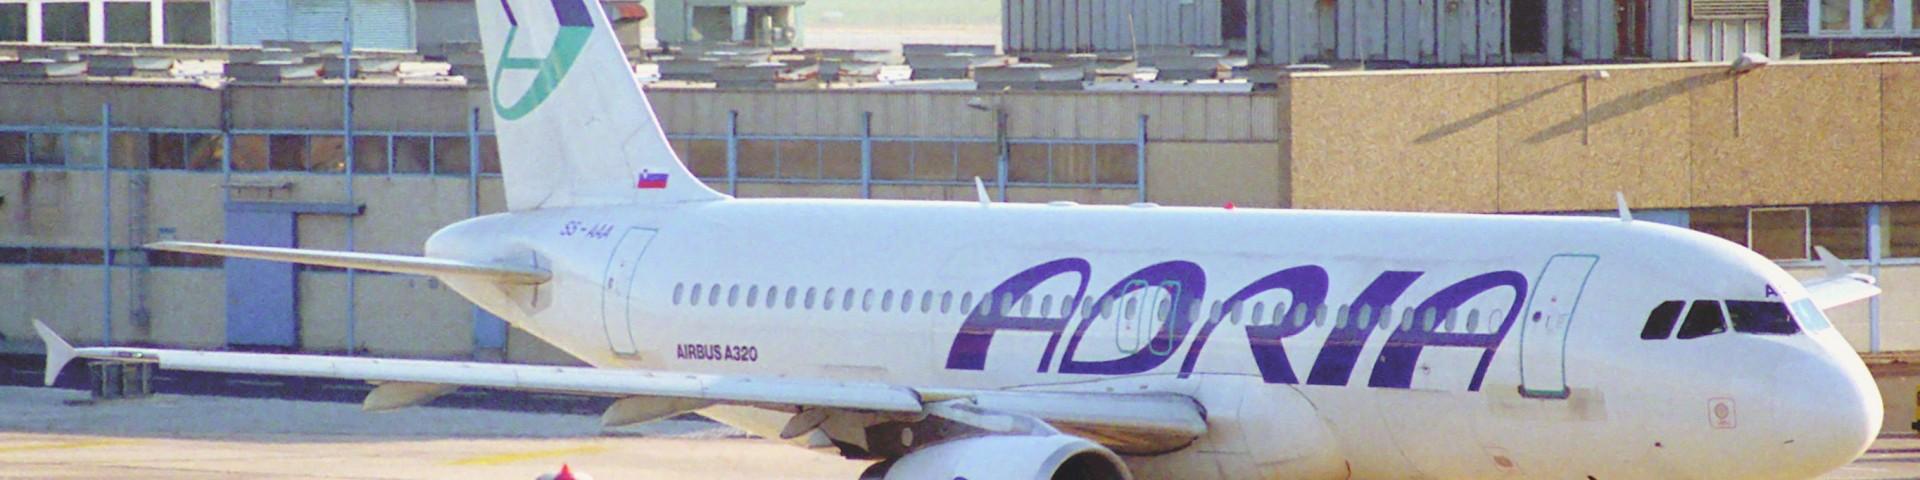 A320 Adria Airways